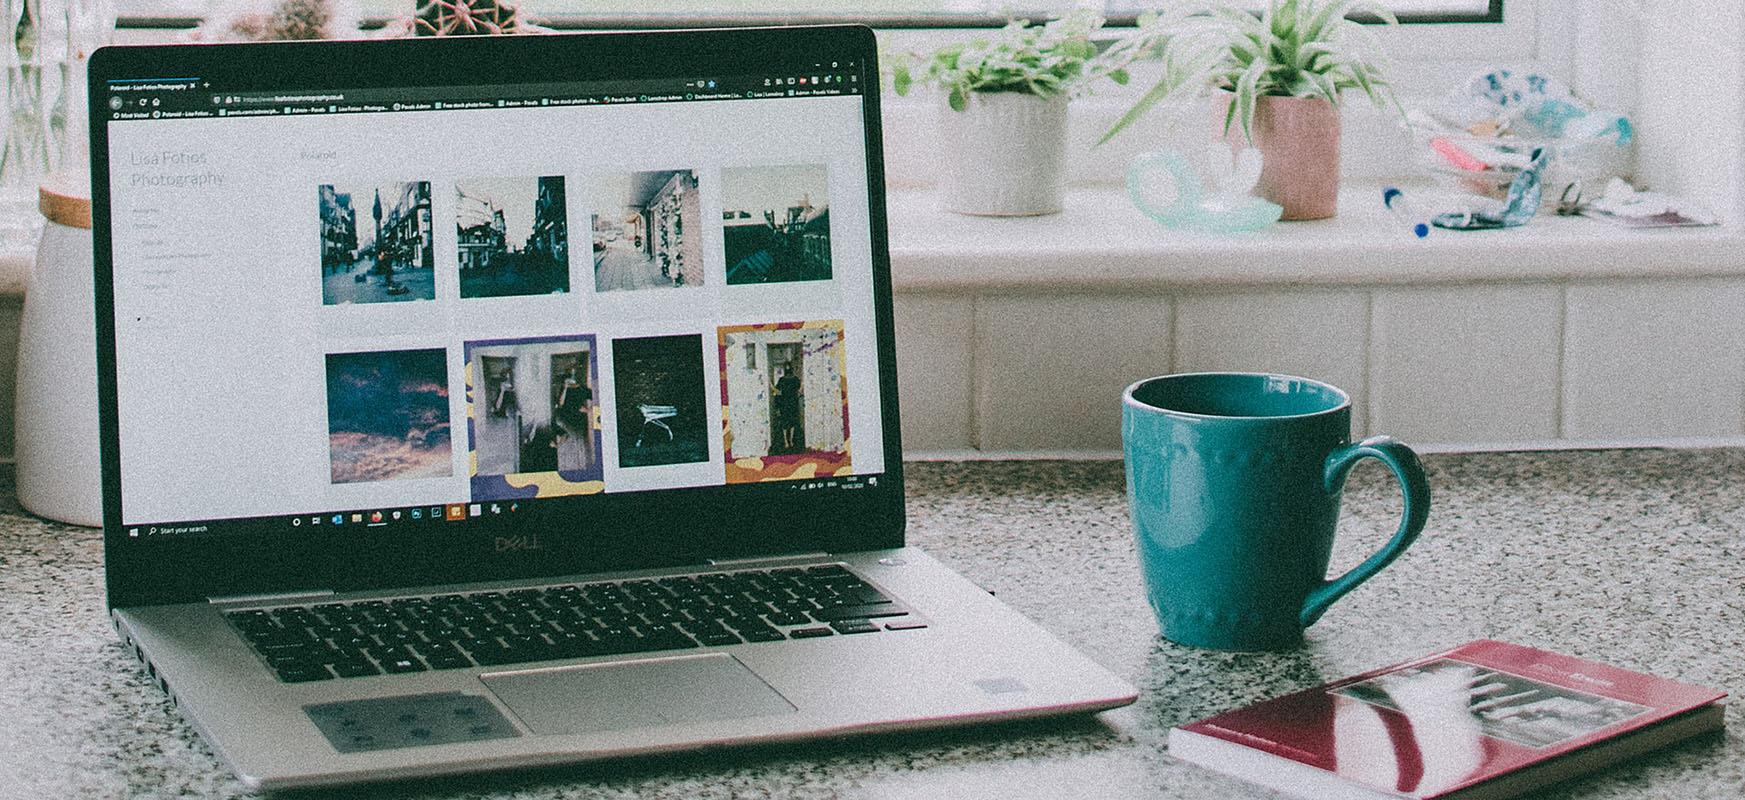 #HomeOffice: Lehenik eta behin komunikazioa.  Microsoft Teams eta OneDrive erreskatera etortzen dira